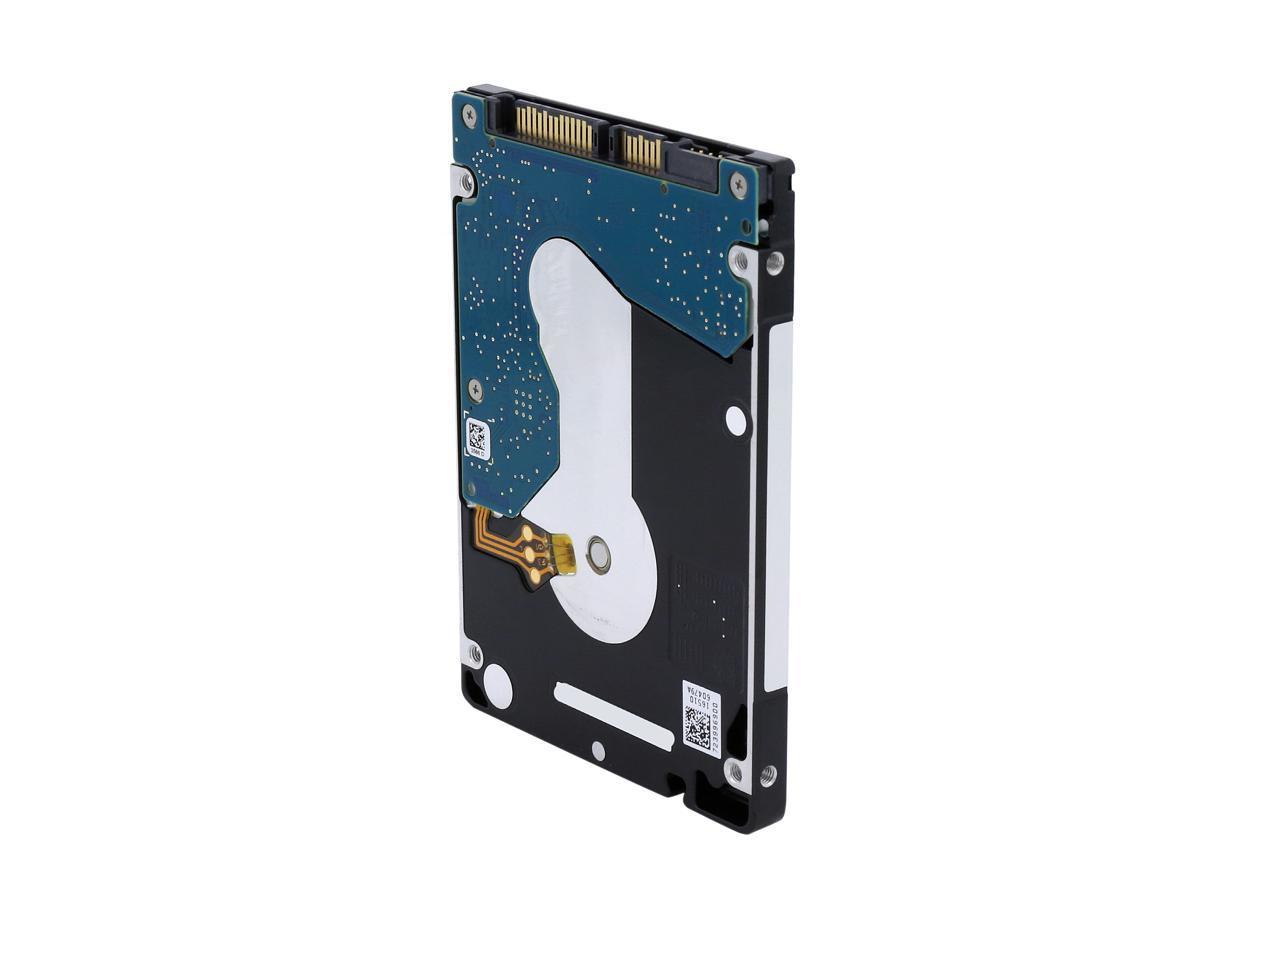 1511NFXS 2TB 2.5 Laptop SSHD Solid State Hybrid Drive for Sony VAIO SVE-1511GFXW 1511JFXW 1511HFX 1511MFXS 1511KFXW 1511HFXW